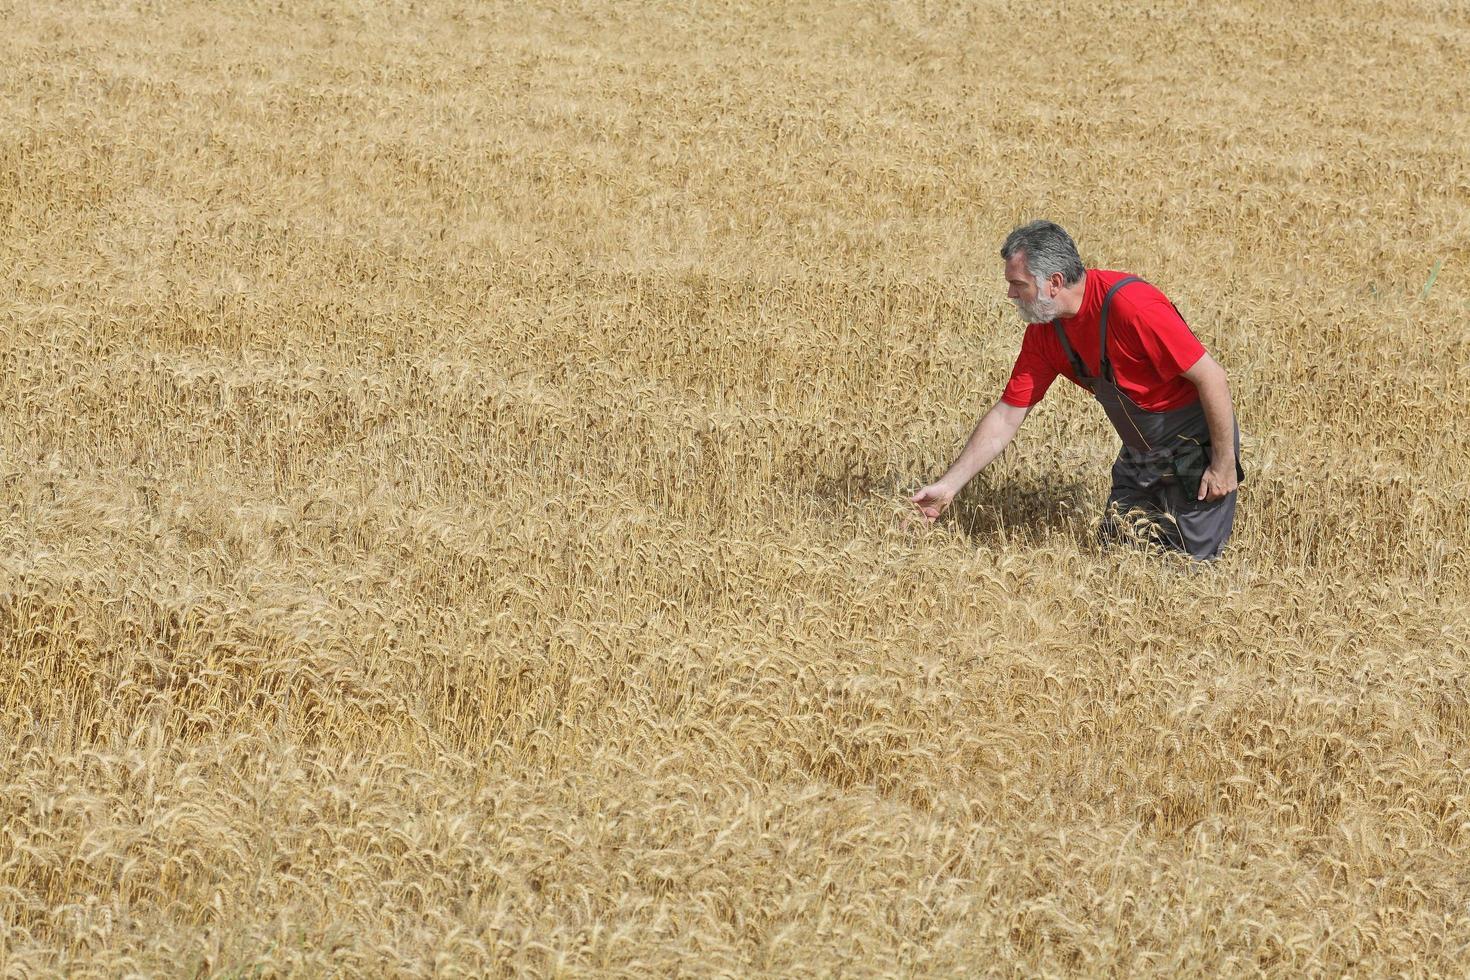 cena agrícola, agricultor ou agrônomo inspecionam o campo de trigo foto